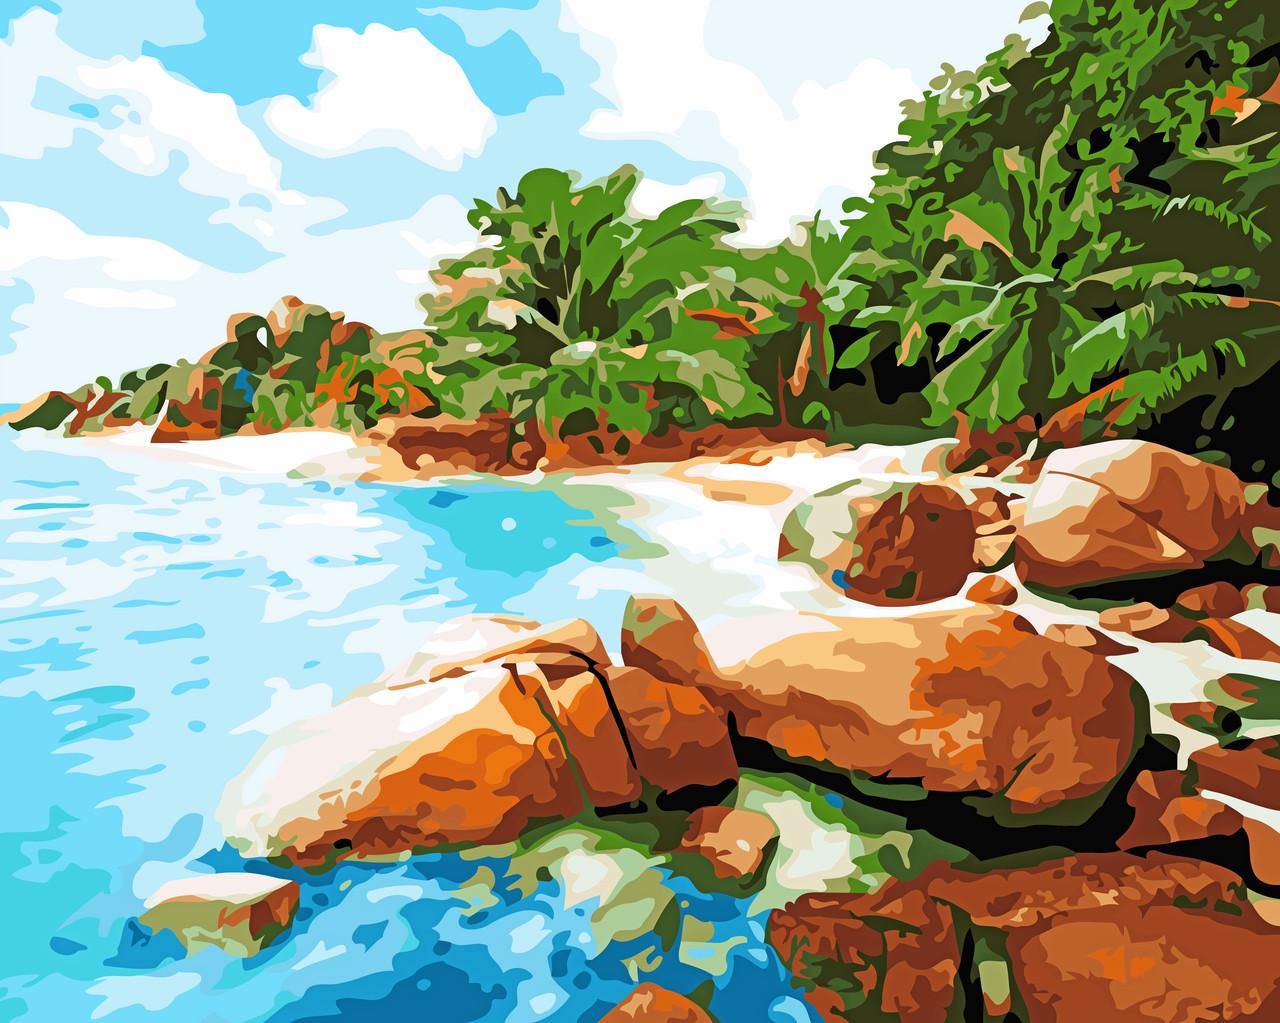 Художественный творческий набор, картина по номерам Райское место, 50x40 см, «Art Story» (AS0542)